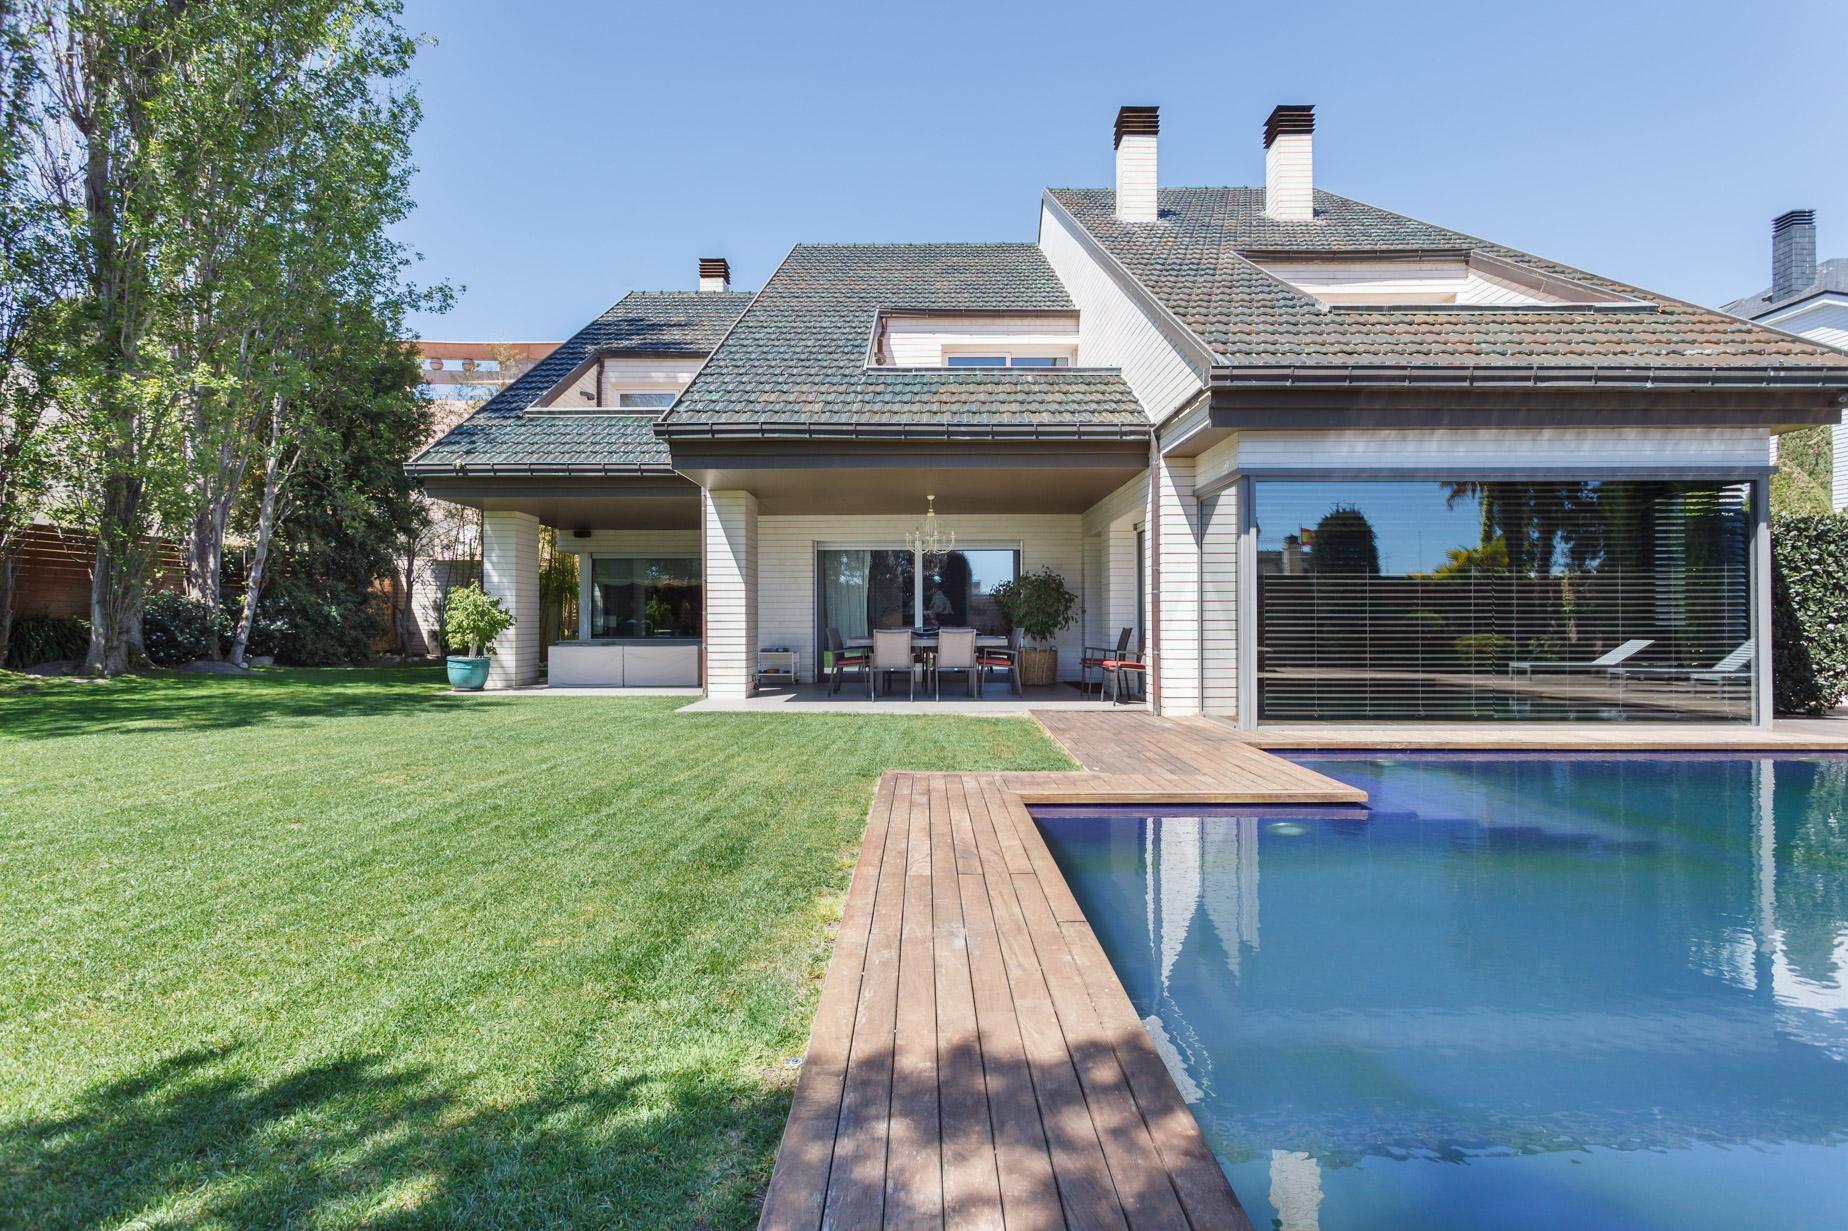 Частный односемейный дом для того Продажа на Exclusive Property in the Most Prestigious Area of Barcelona Zona Alta, Barcelona City, Barcelona, 08034 Испания